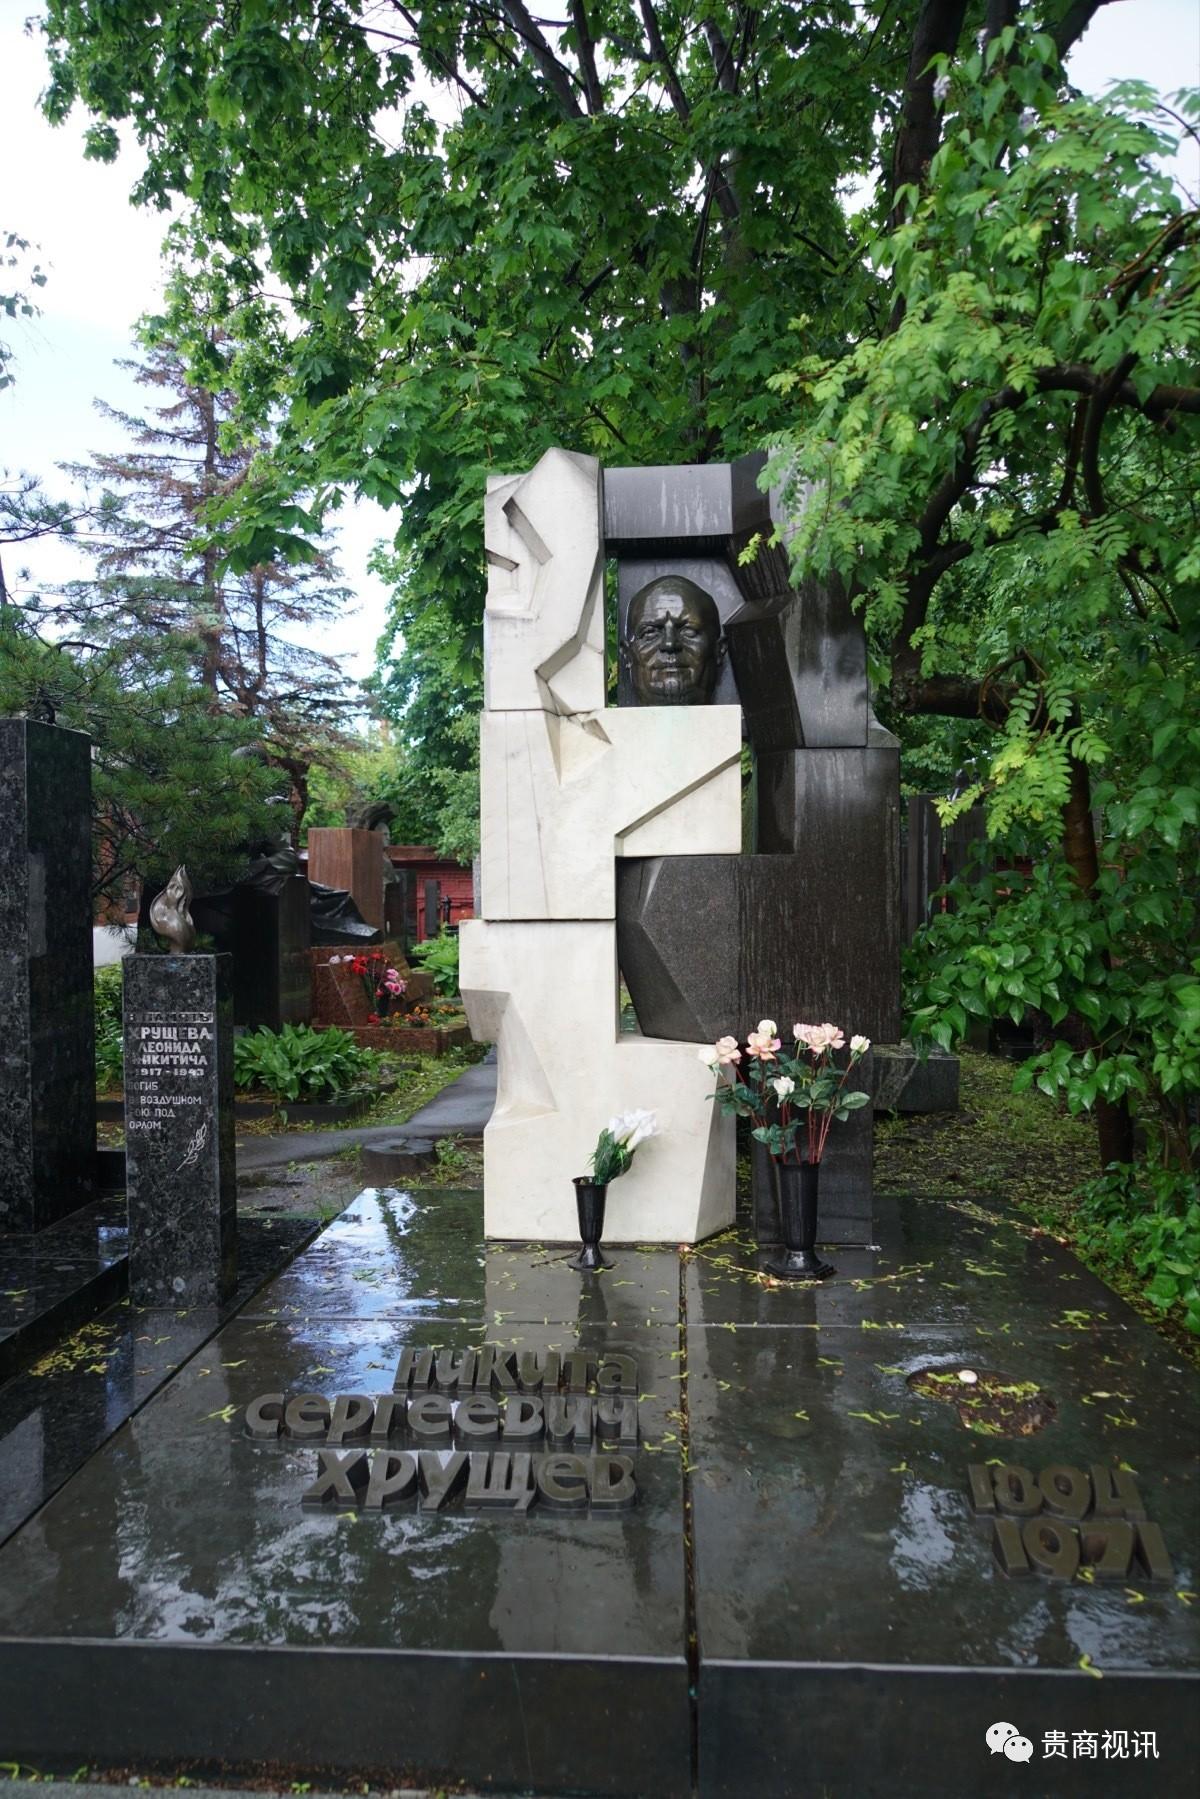 赫鲁晓夫  1894年4月17日生于库尔斯克省,1971年9月11日病逝于莫斯科。原苏共中央第一书记赫鲁晓夫之墓,他没有按照惯例被安葬在克里姆林宫红墙下, 这是因为,反对斯大林的赫鲁晓夫生前就说过,他不愿意和红场上的斯大林埋葬在一起,而靠发动政变逼他下台的原苏共中央第一书记勃列日涅夫,也不同意在红场上为他建立墓碑,所以赫鲁晓夫最终被埋葬到了新圣女公墓。他是葬在该公墓中苏联最高领导的第一人。  立这块墓碑时,篡夺赫鲁晓夫位置的勃列日涅夫还在台上,他儿子和夫人费了很多年的周折才在柯西金总理的同意下,将这块寓意深刻的墓碑立到了这里!  雕塑家涅伊兹维斯内通过黑白两色交错的花岗石,表现了赫鲁晓夫鲜明的个性和他的功过政绩。赫鲁晓夫的头颅从花岗石中探出来,紧盯着来往的后人,认真虚心倾听后人对自己的评价。  墓碑上只有他的名字和出身逝世年份,没有任何头衔!赫鲁晓夫是唯一没有埋在红场列宁墓旁的前苏联最高领导人。黑白交替的设计最好地诠释了他在苏联历史上的角色:白与黑――功与过;是与非,一切都任由后人评说!